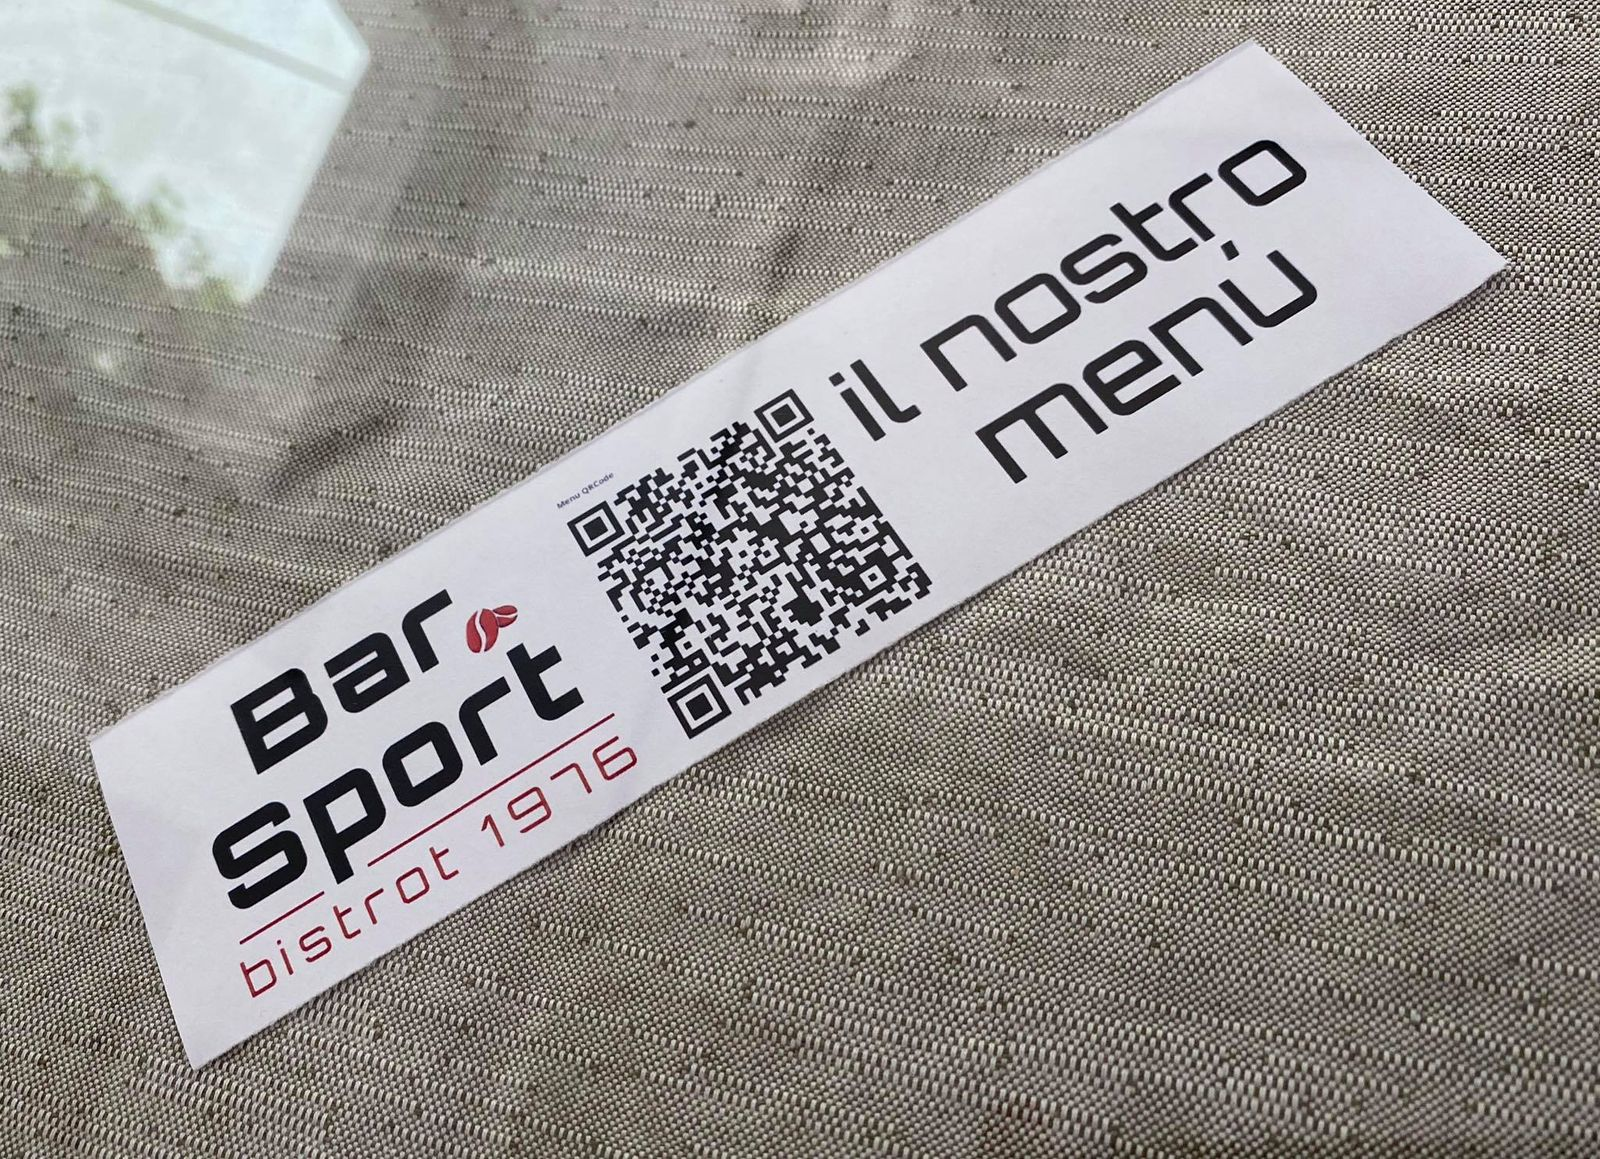 Quando ti siedi al tavolo, inquadra il qr code e guarda il nostro menù